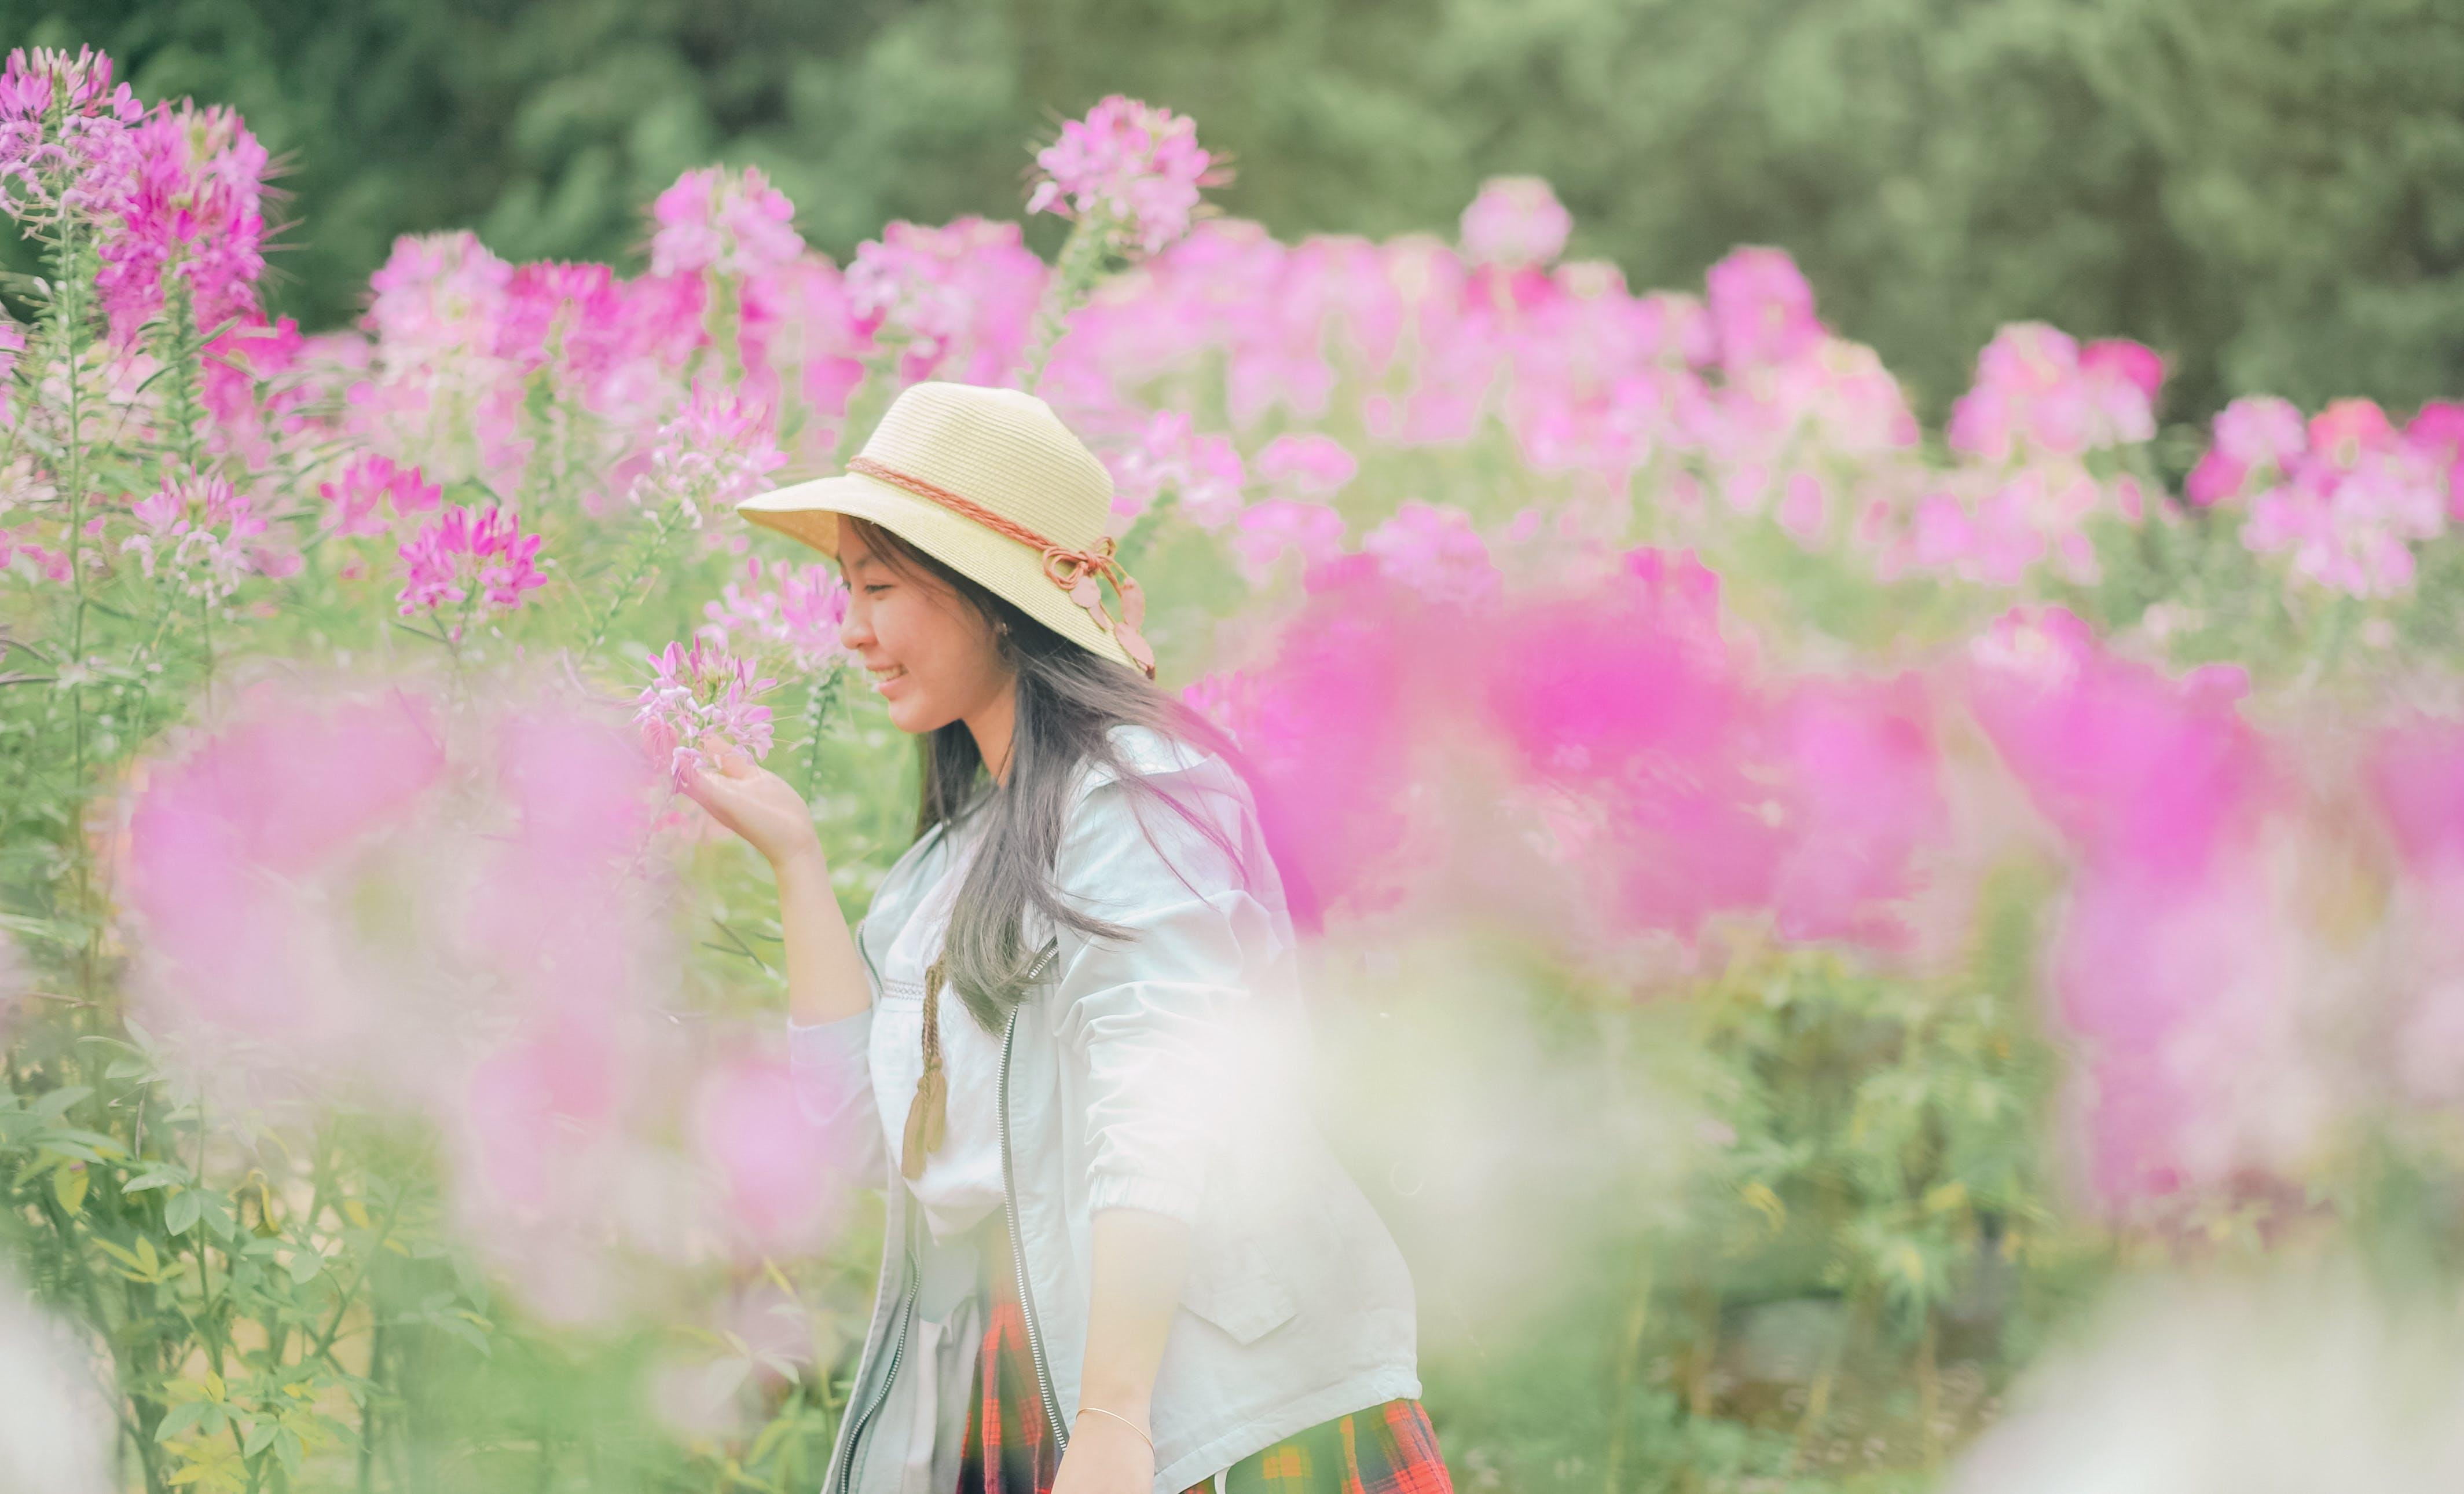 Ảnh lưu trữ miễn phí về ánh sáng ban ngày, cánh đồng, cô gái châu á, con gái